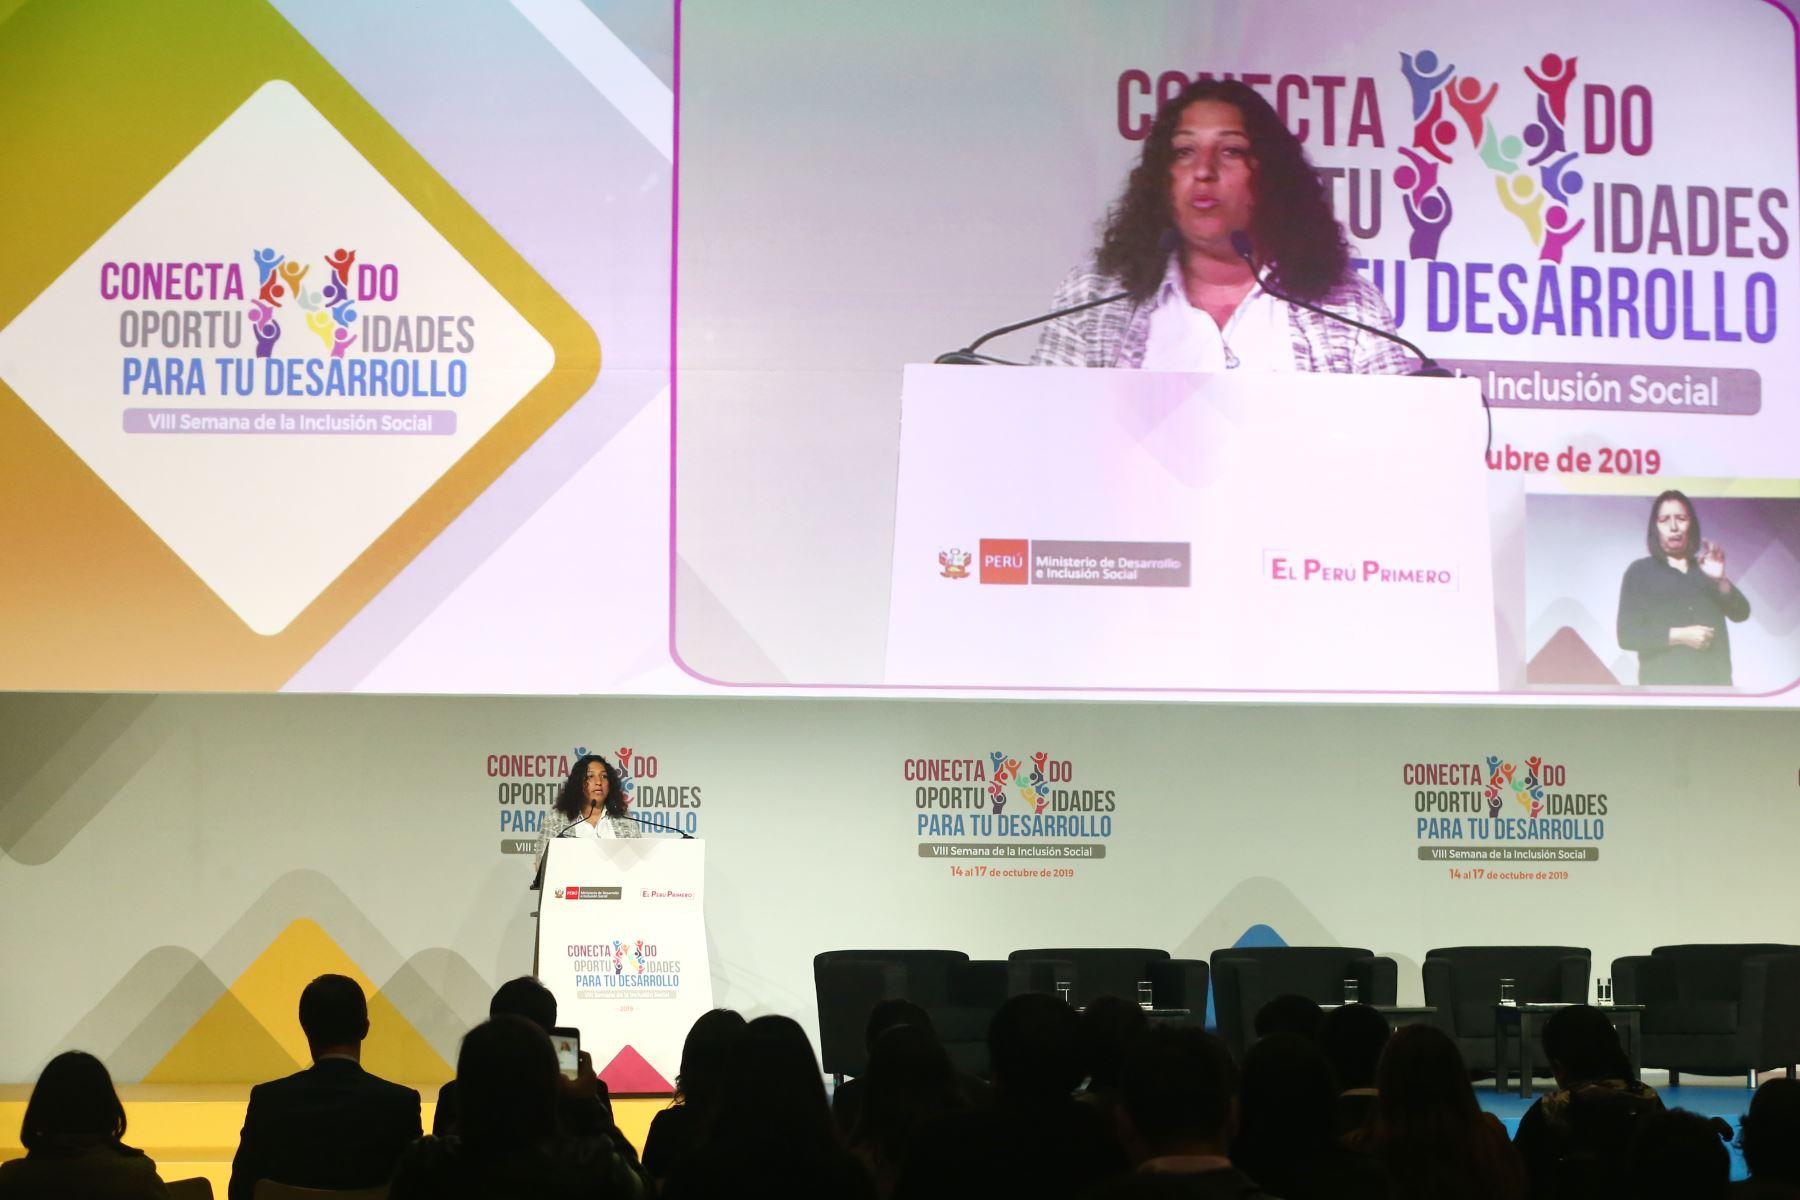 Ministra del Ambiente, Fabiola Muñoz durante su participación en la VIII Semana de la Inclusión Social. Foto: ANDINA/Melina Mejía